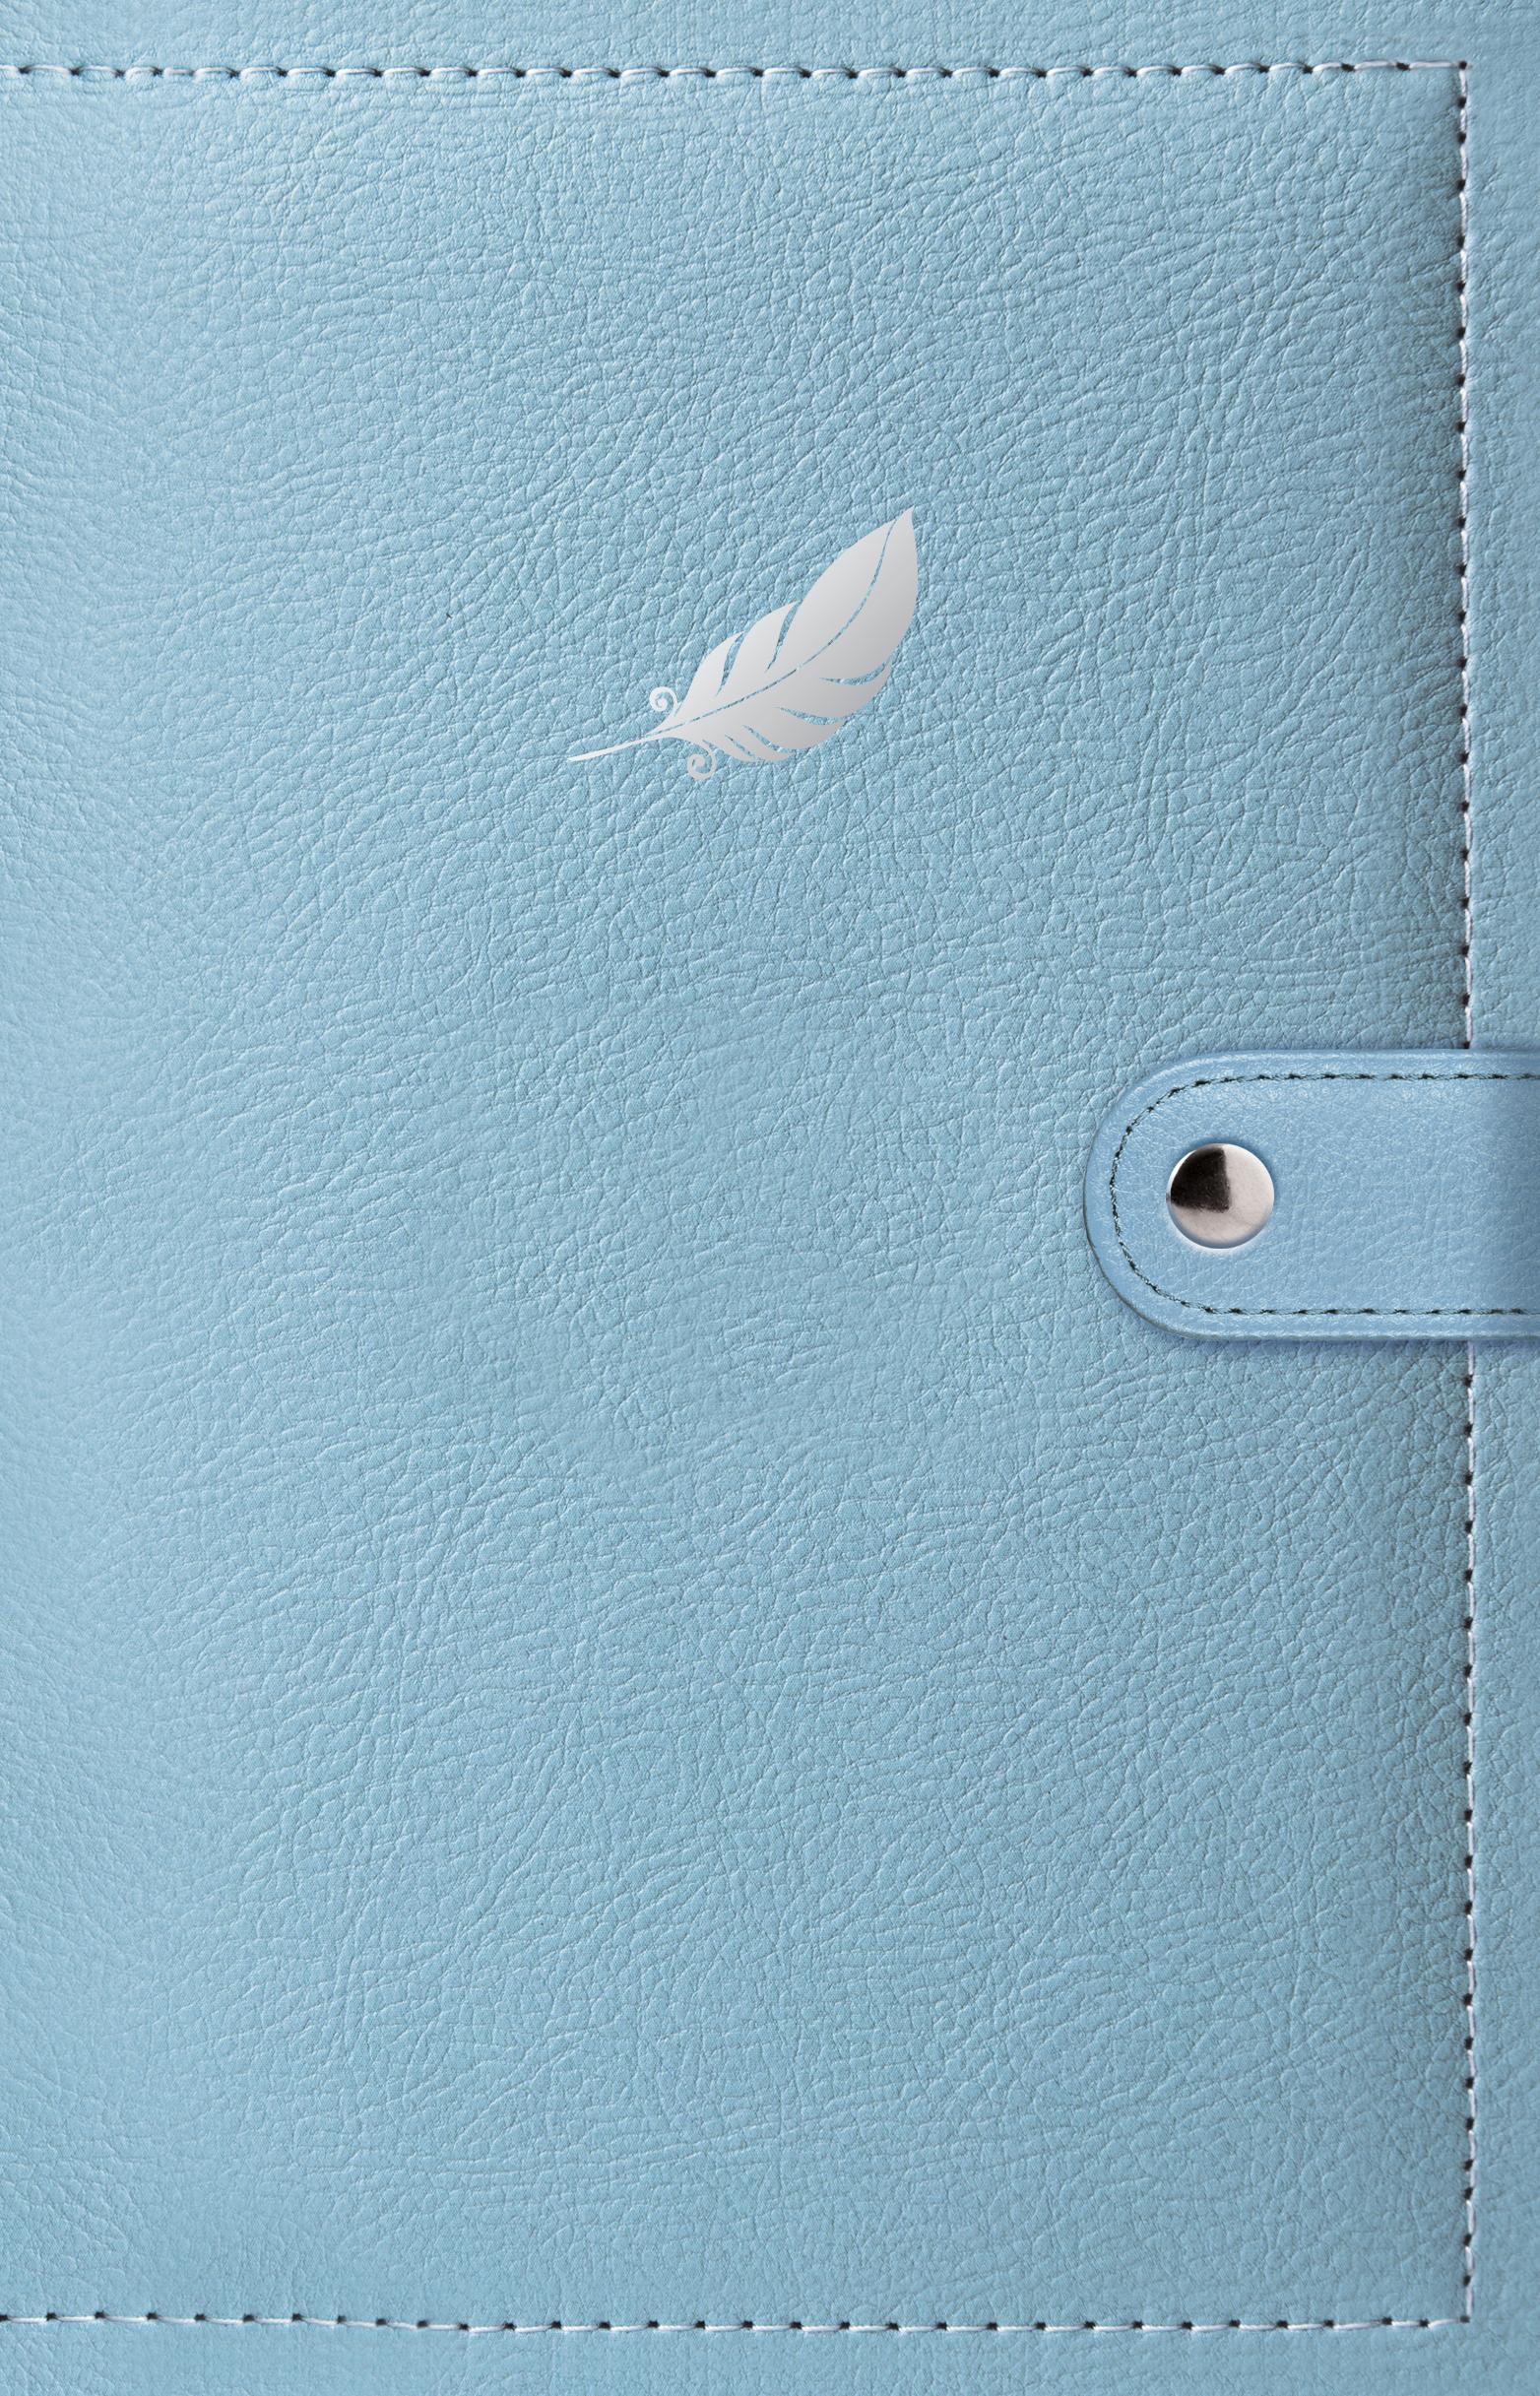 Дневник мечты. Перо блокнот в пластиковой обложке mind ulness лаванда формат малый 64 страницы